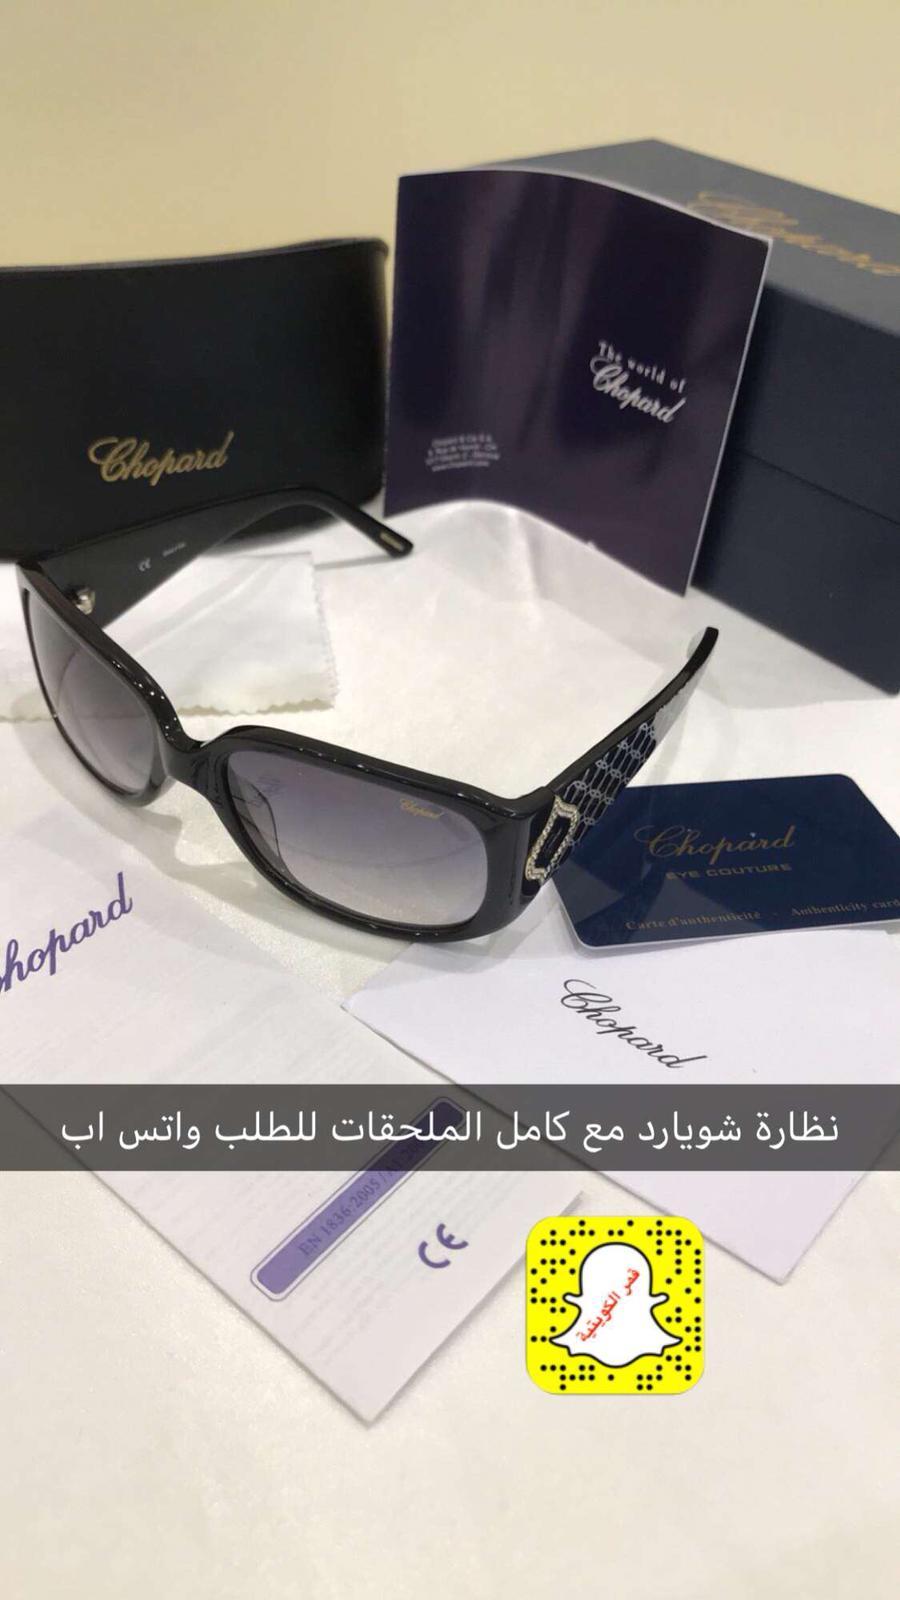 نظارة تقليد شوبارد بالعلبه و الملحقات و الكيس الورقي